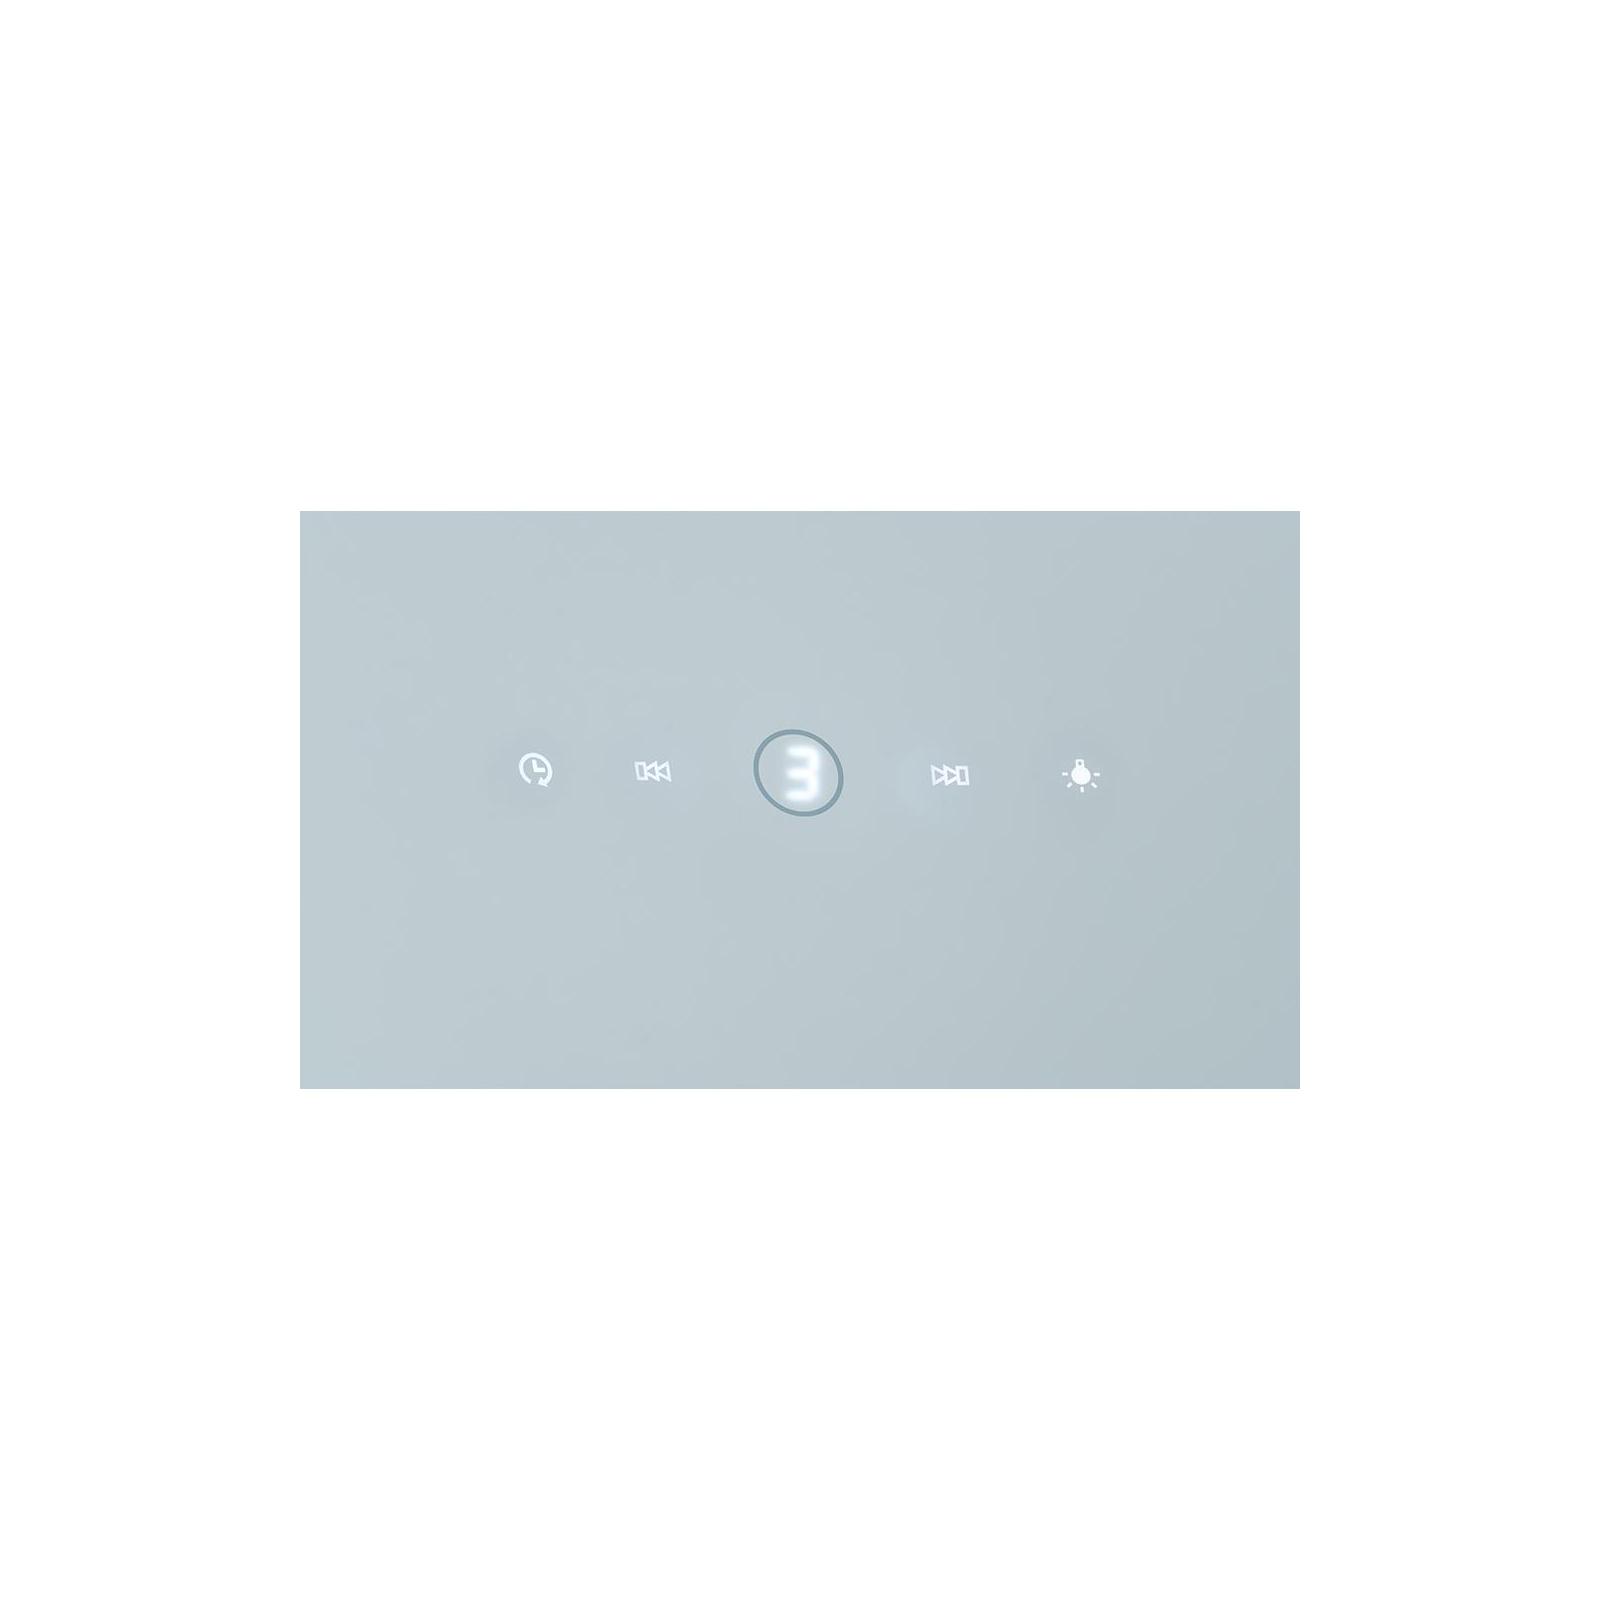 Вытяжка кухонная MINOLA HVS 6612 WH 1000 LED изображение 4